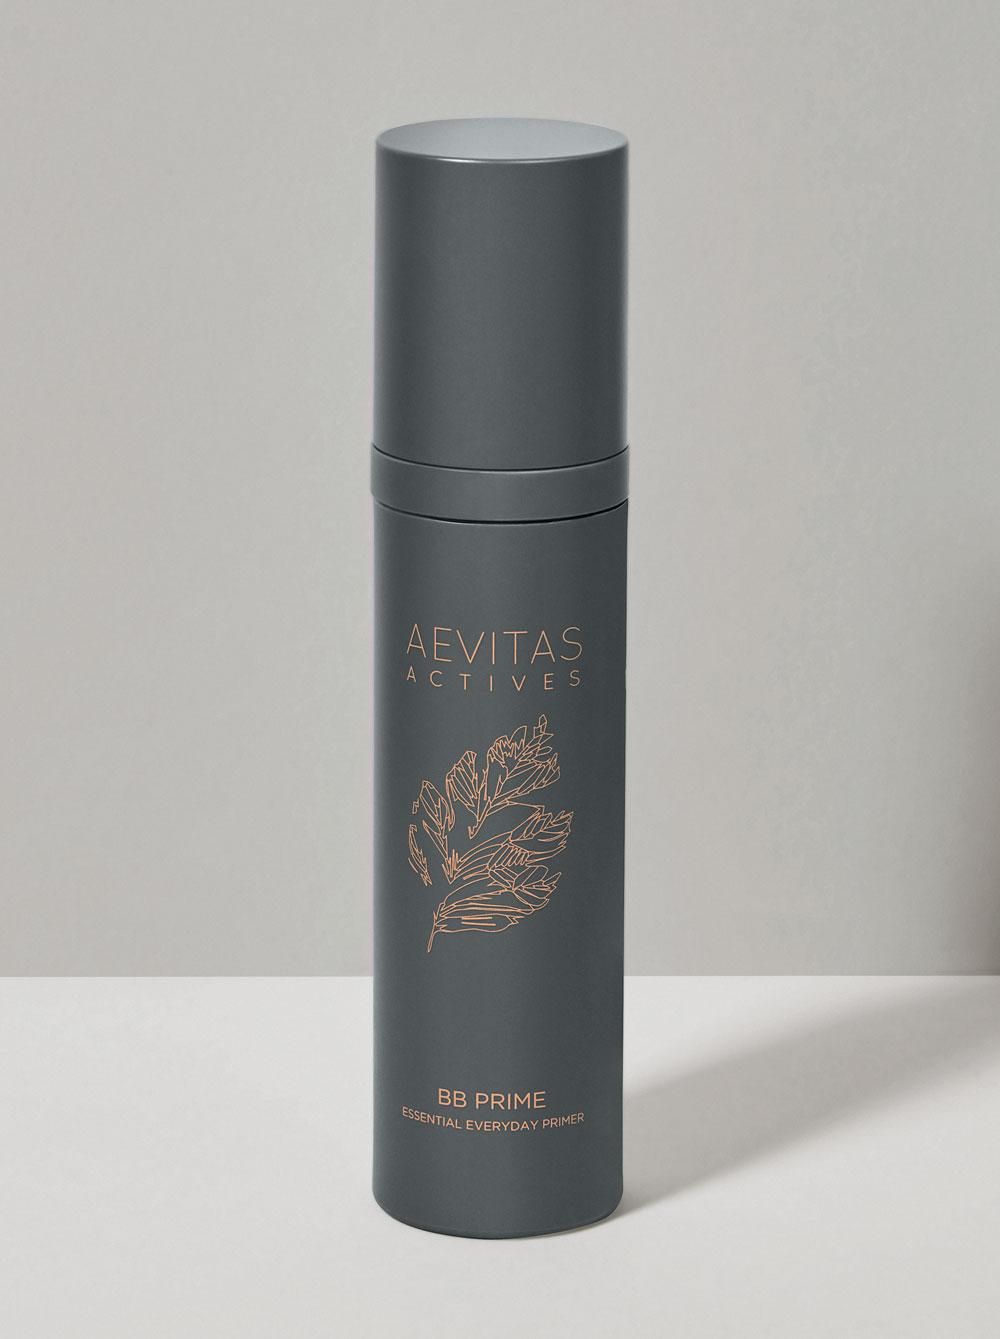 Aevitas_BB-Prime_Bottle.jpg